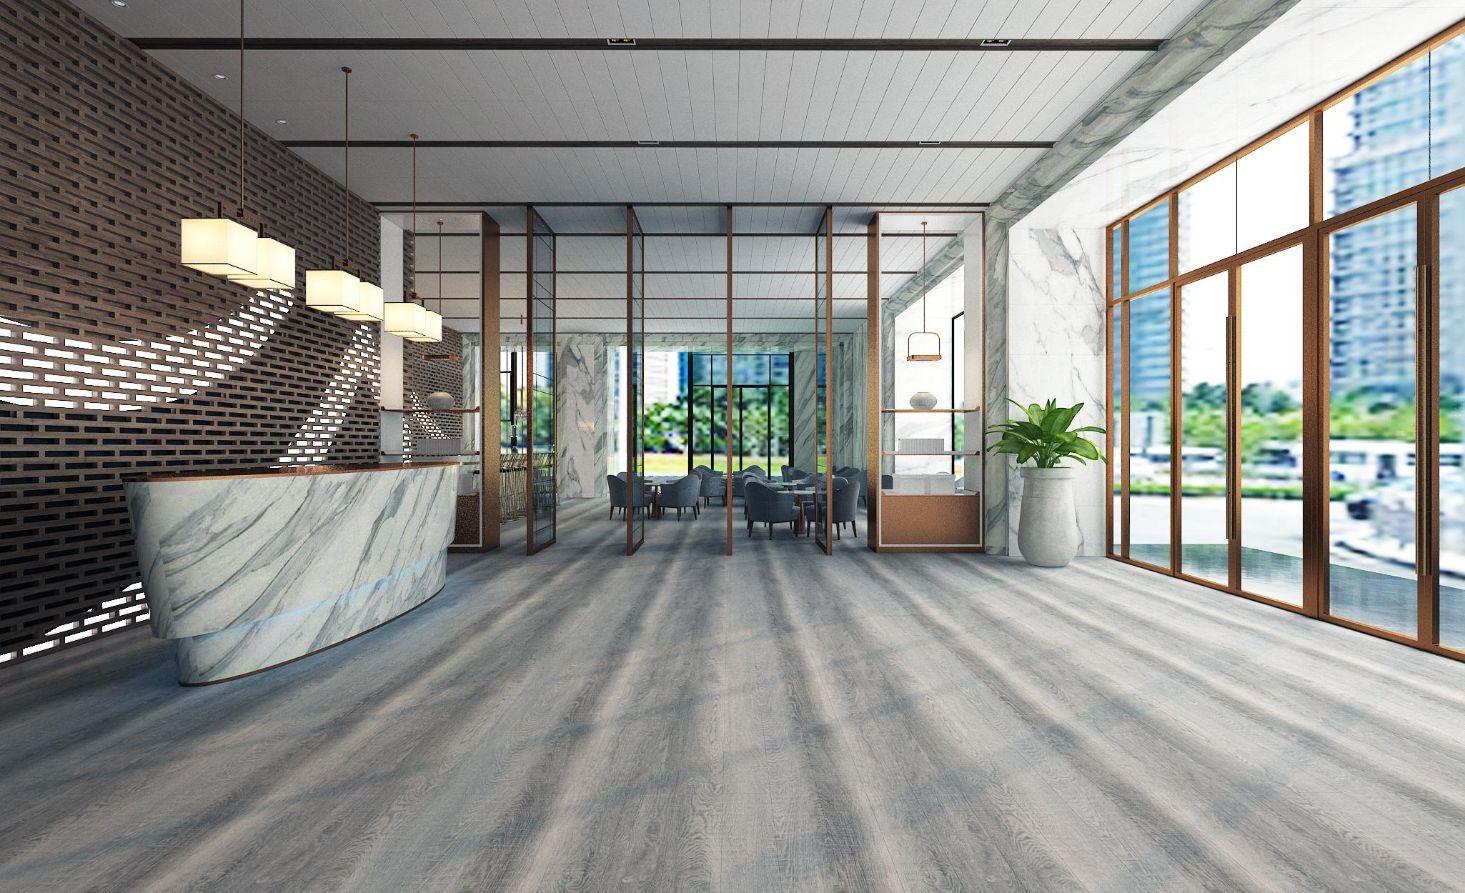 SA 111 2 - Không lo lỗi mốt với sàn vân gỗ AnPro trong thiết kế nội thất